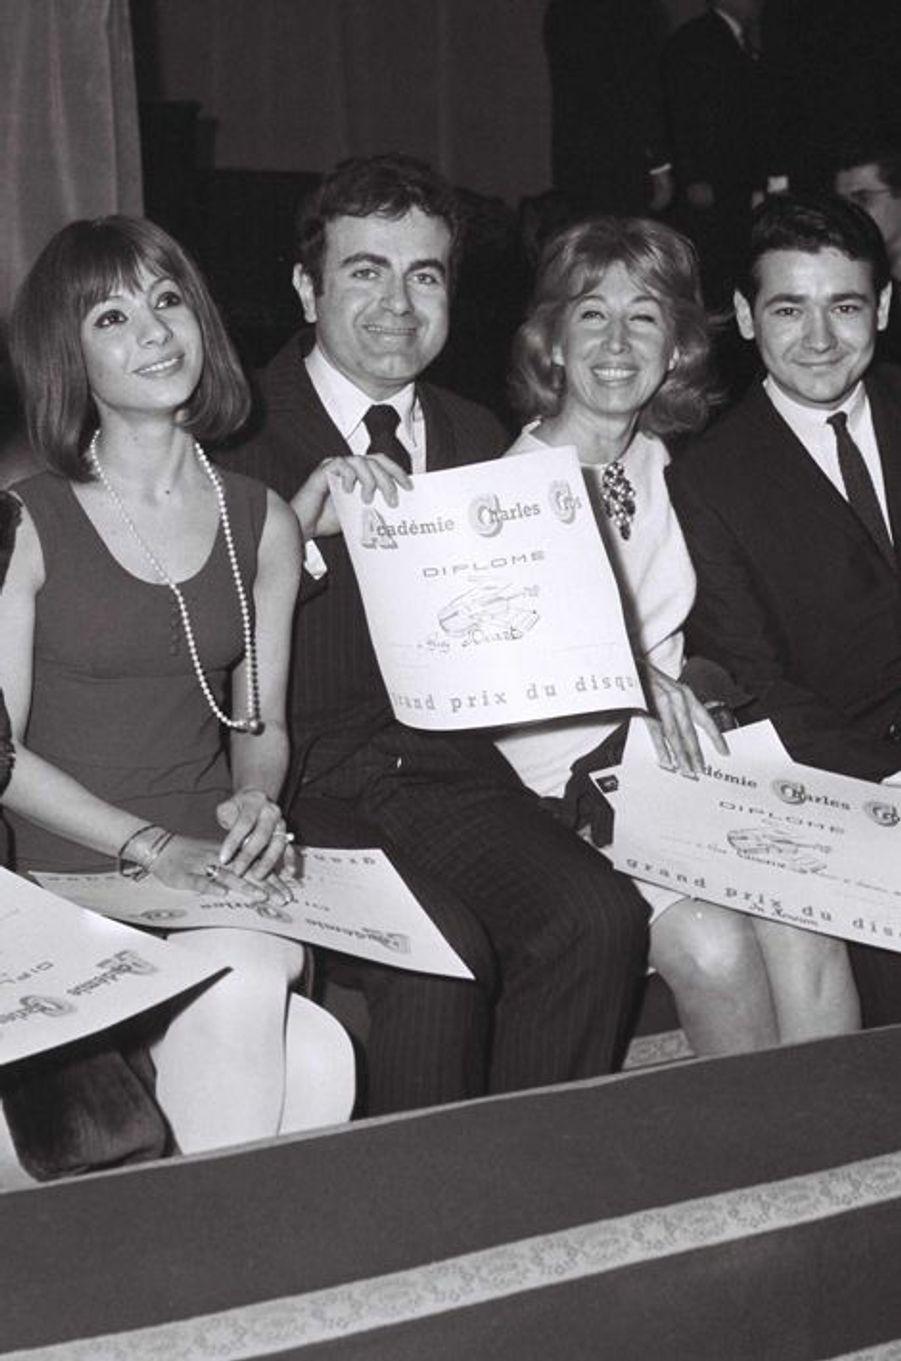 Guy Béart parmi les lauréats du Grand prix du disque en 1966